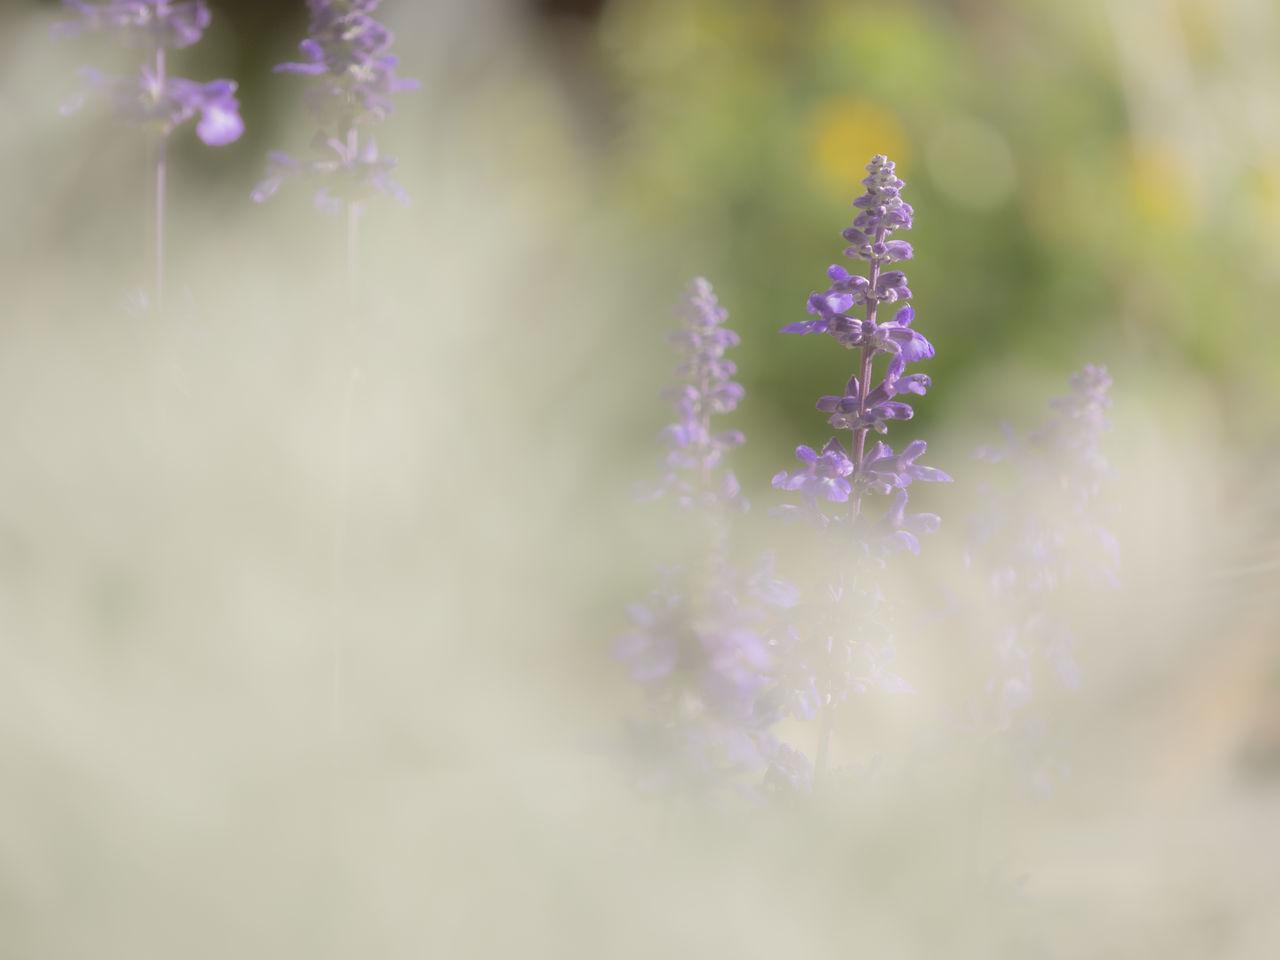 Purple Flowering Plants Growing Outdoors